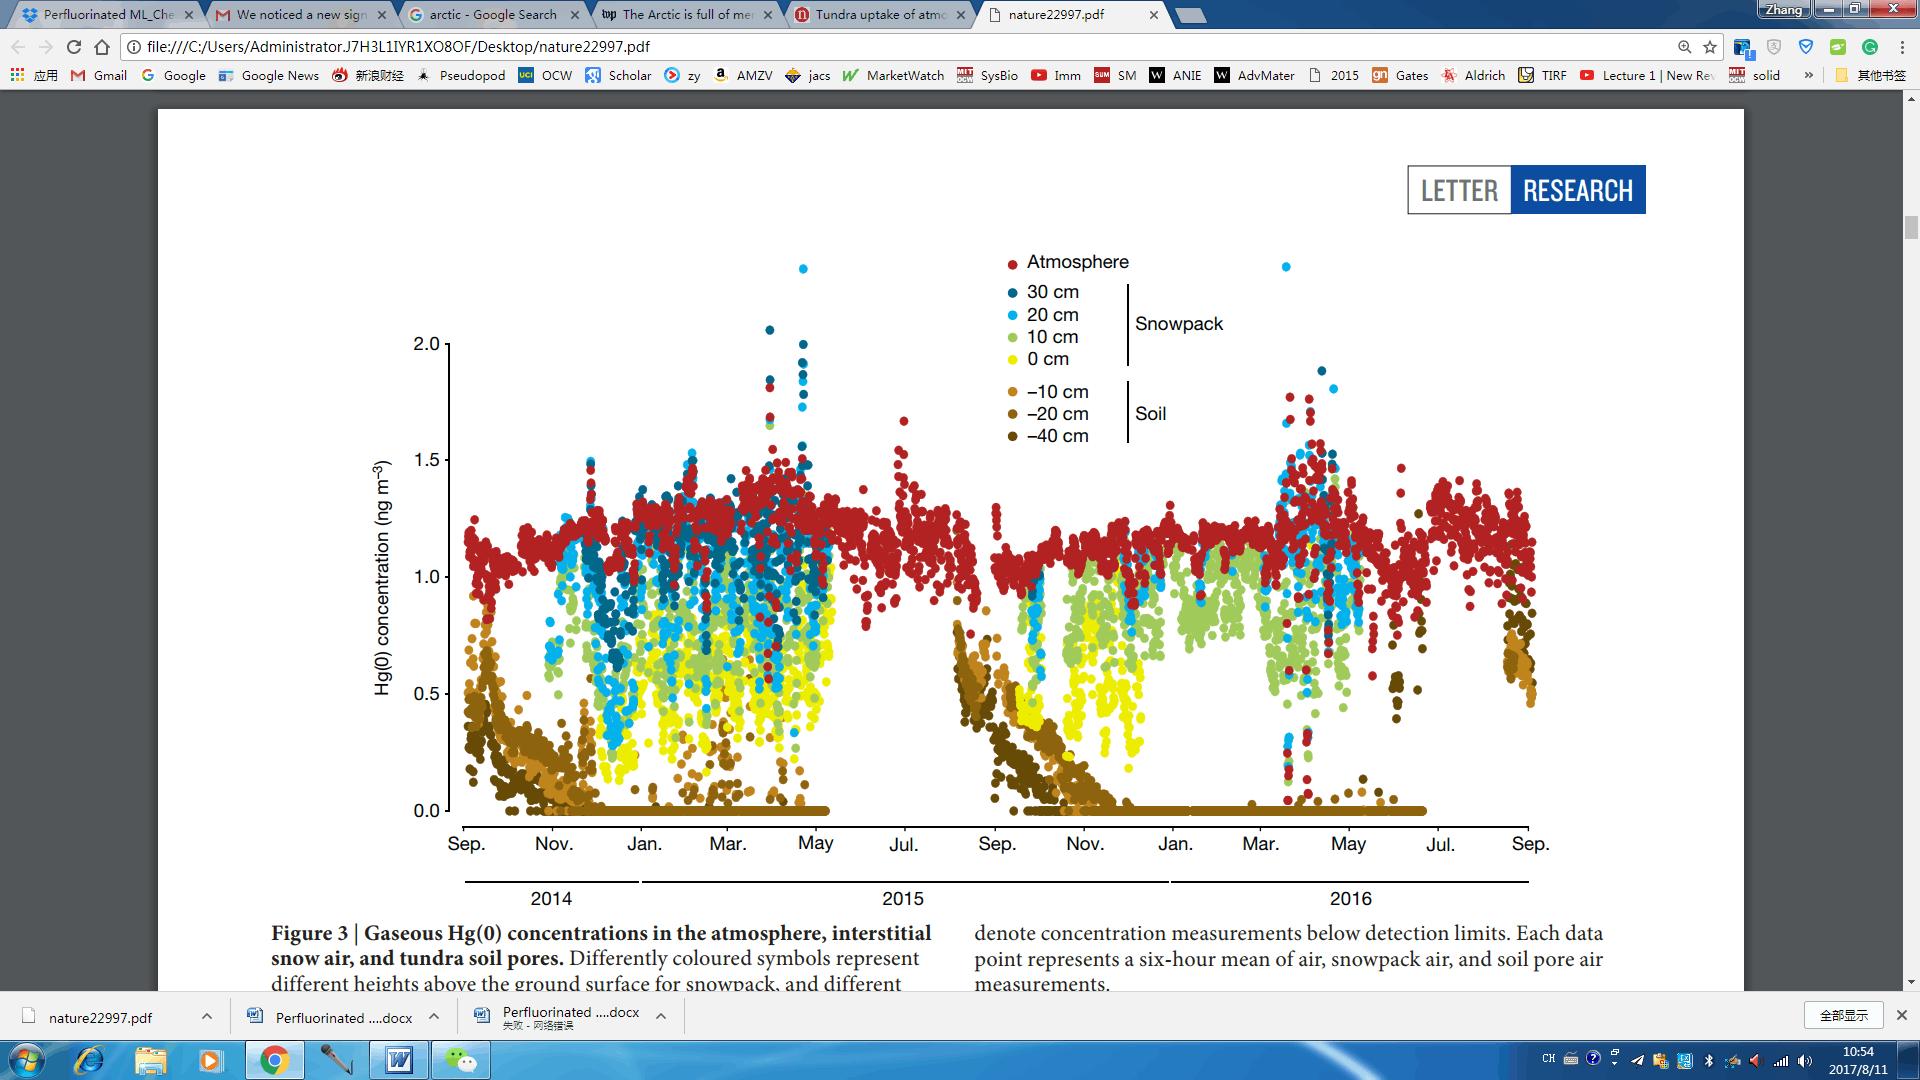 北极地区水银含量爆掉了 这是啥原因造成的?